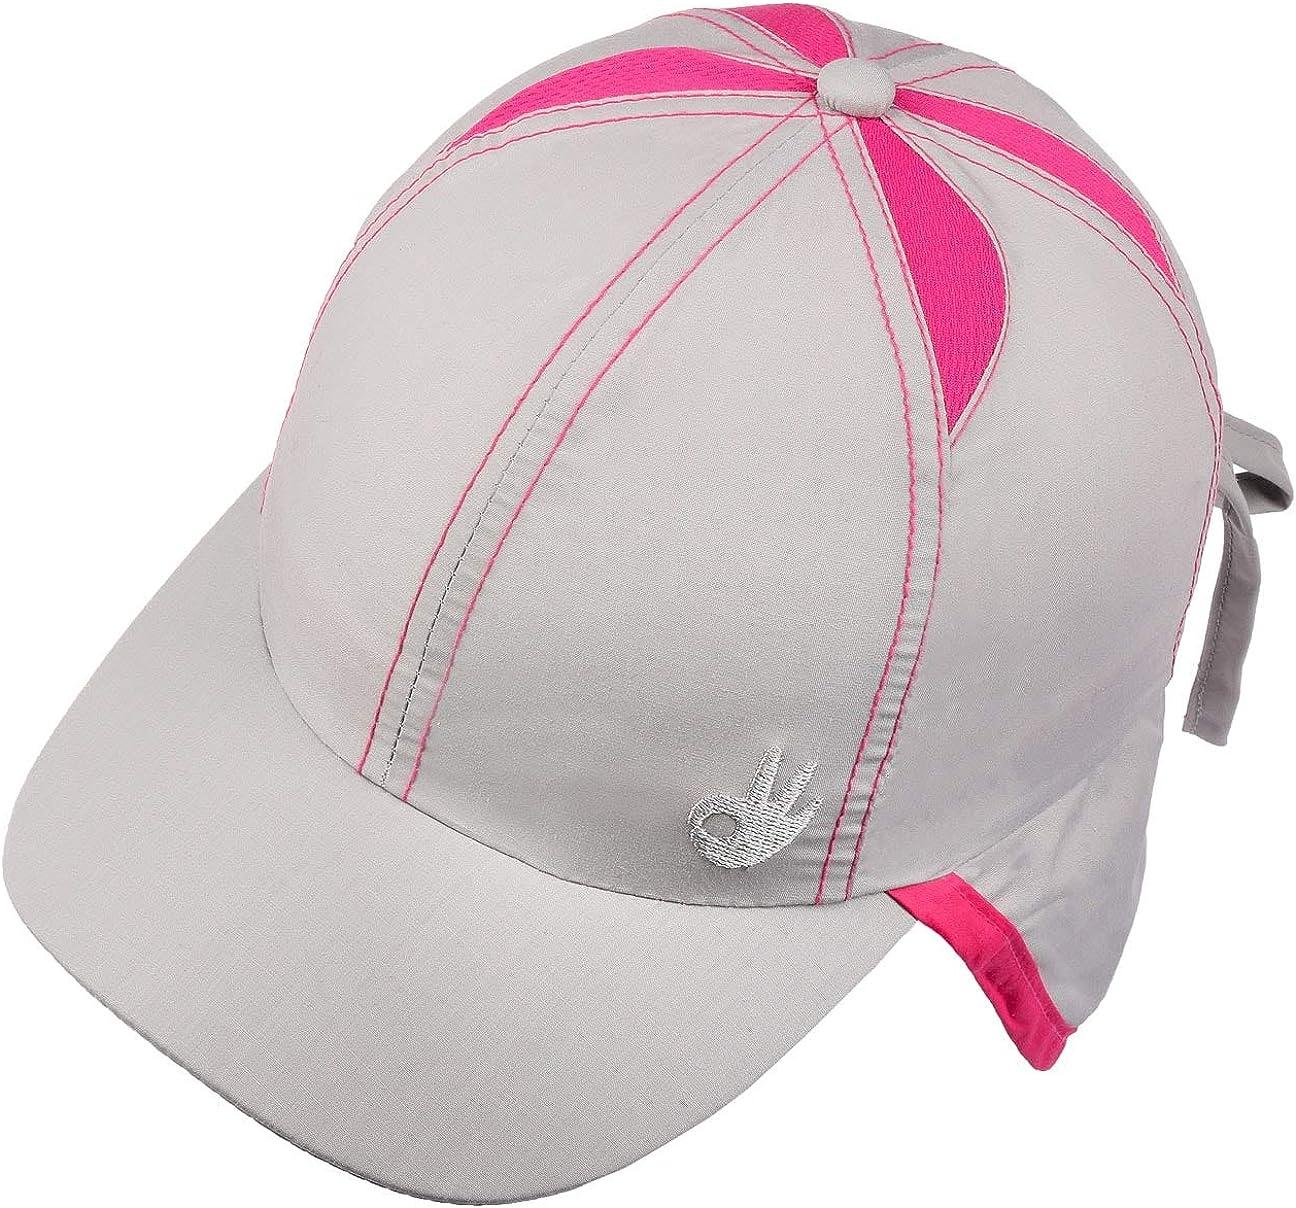 Cappellishop Cappellino da Bambino con Protezione Nuca Deblan Baseball cap Berretto Estivo